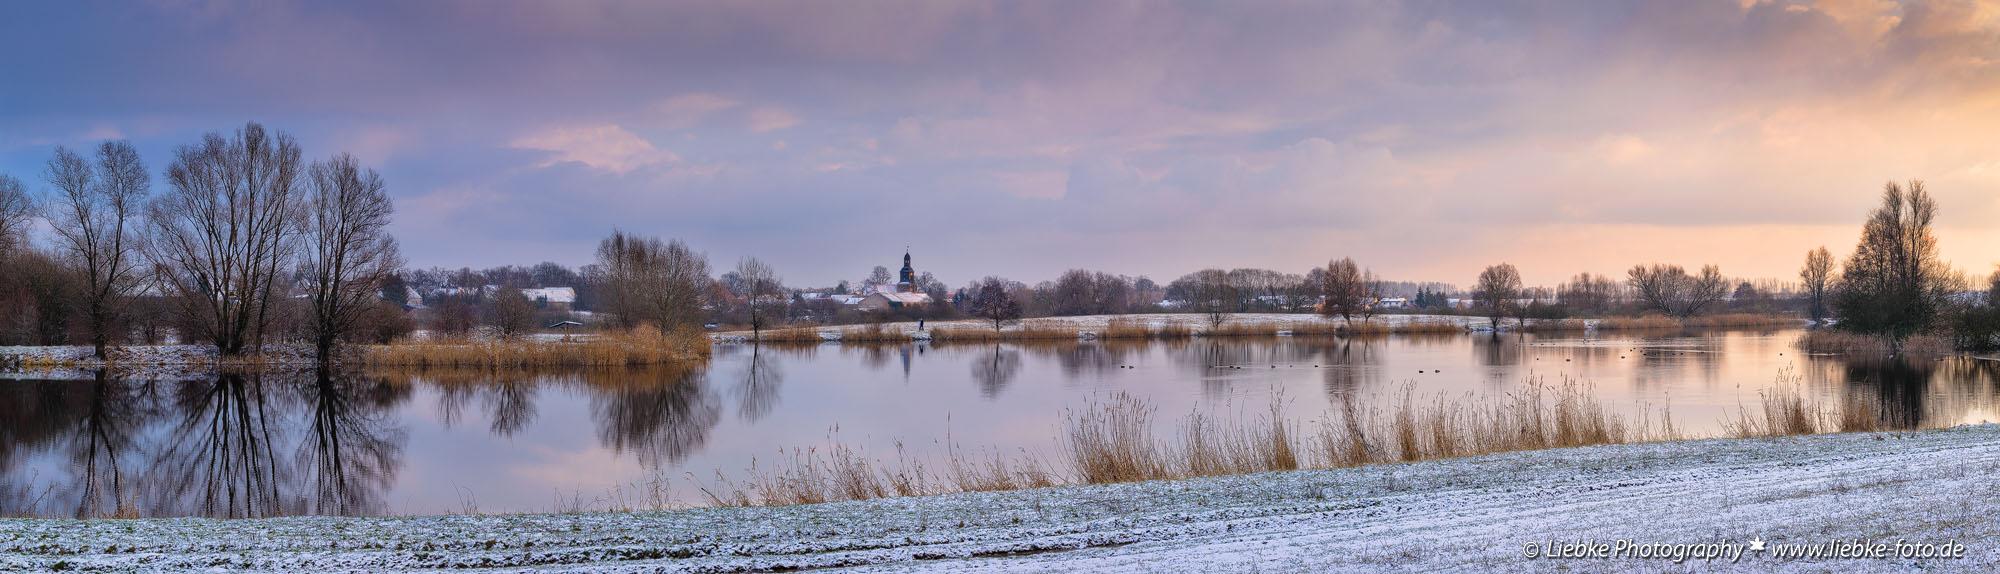 Der Mühlensee mit Blick auf den kleinen hübschen Ort Vehlefanz